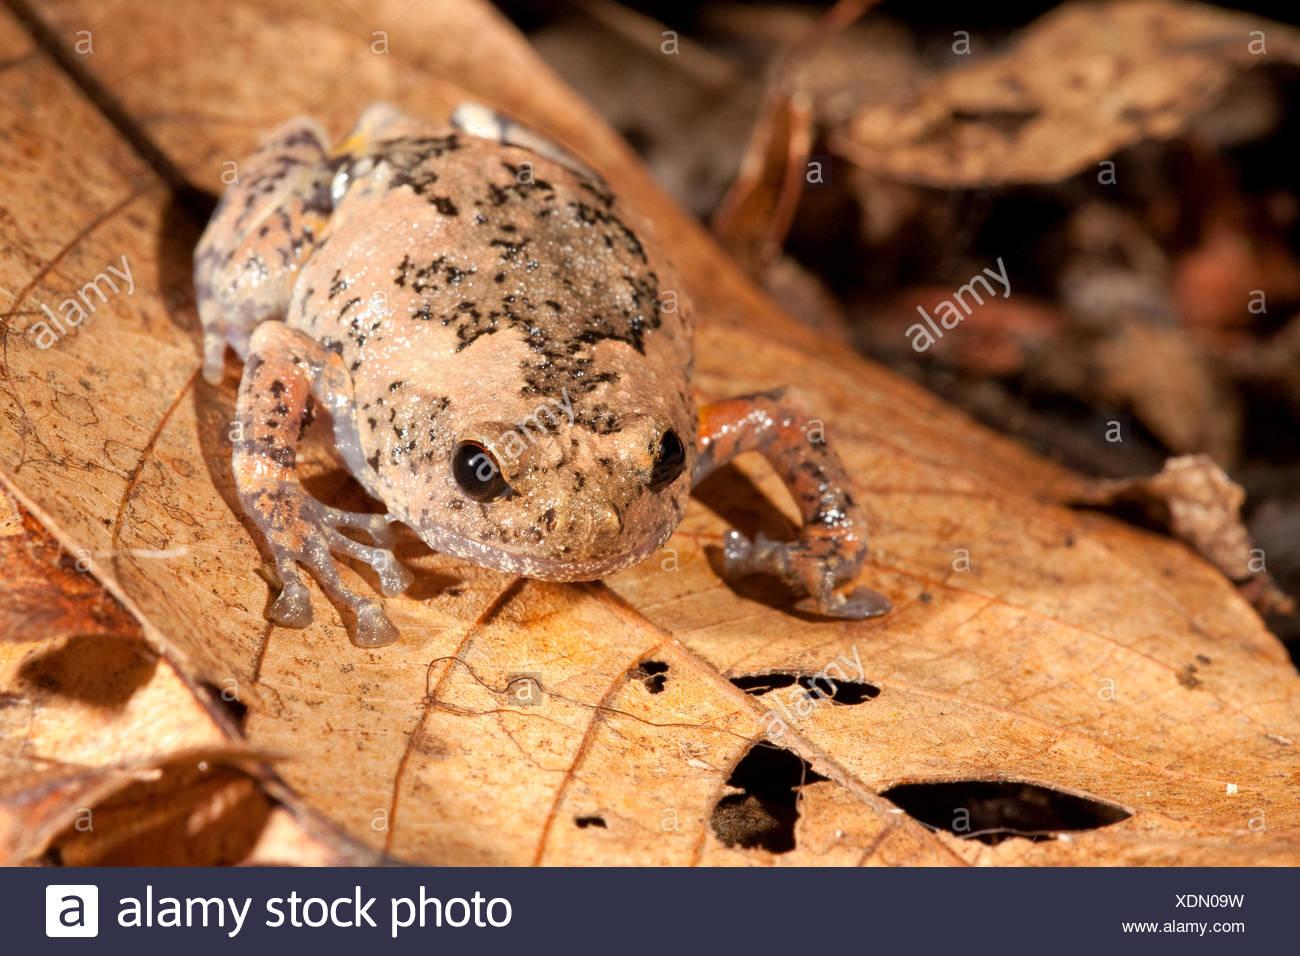 Photo d'un trou d'arbre grenouille, elles pondent leurs œufs dans des trous d'arbres, les hommes appel à partir d'arbres de sorte que les femmes puissent les localiser Photo Stock